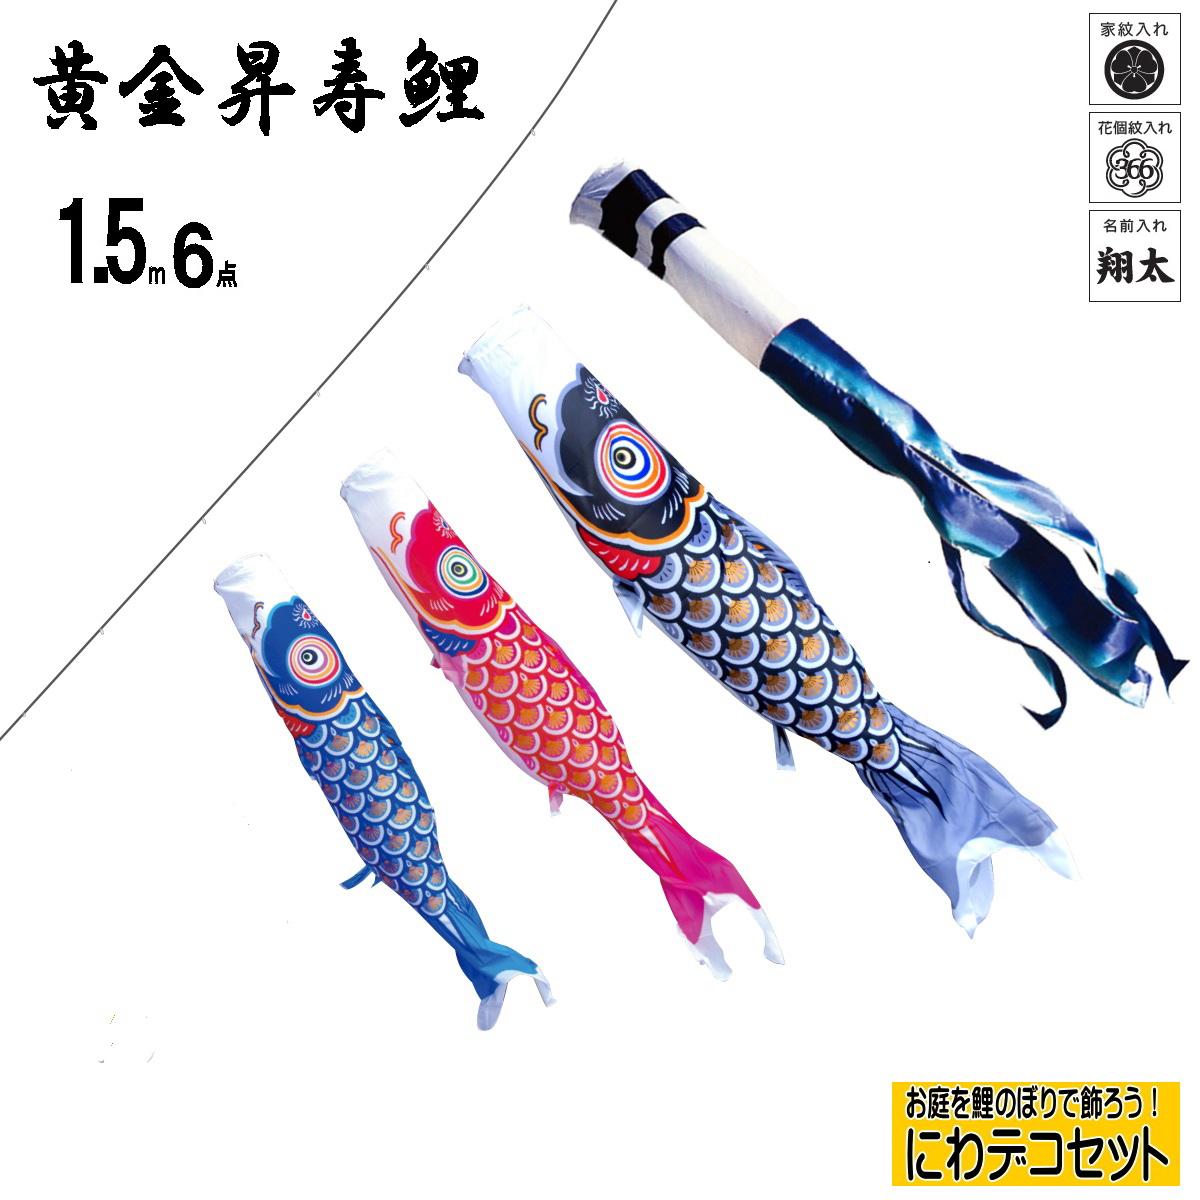 にわデコ 黄金昇寿 1.5m6点(鯉3匹)にわデコセット(ベランダ こいのぼり)鯉のぼり 鯉幟